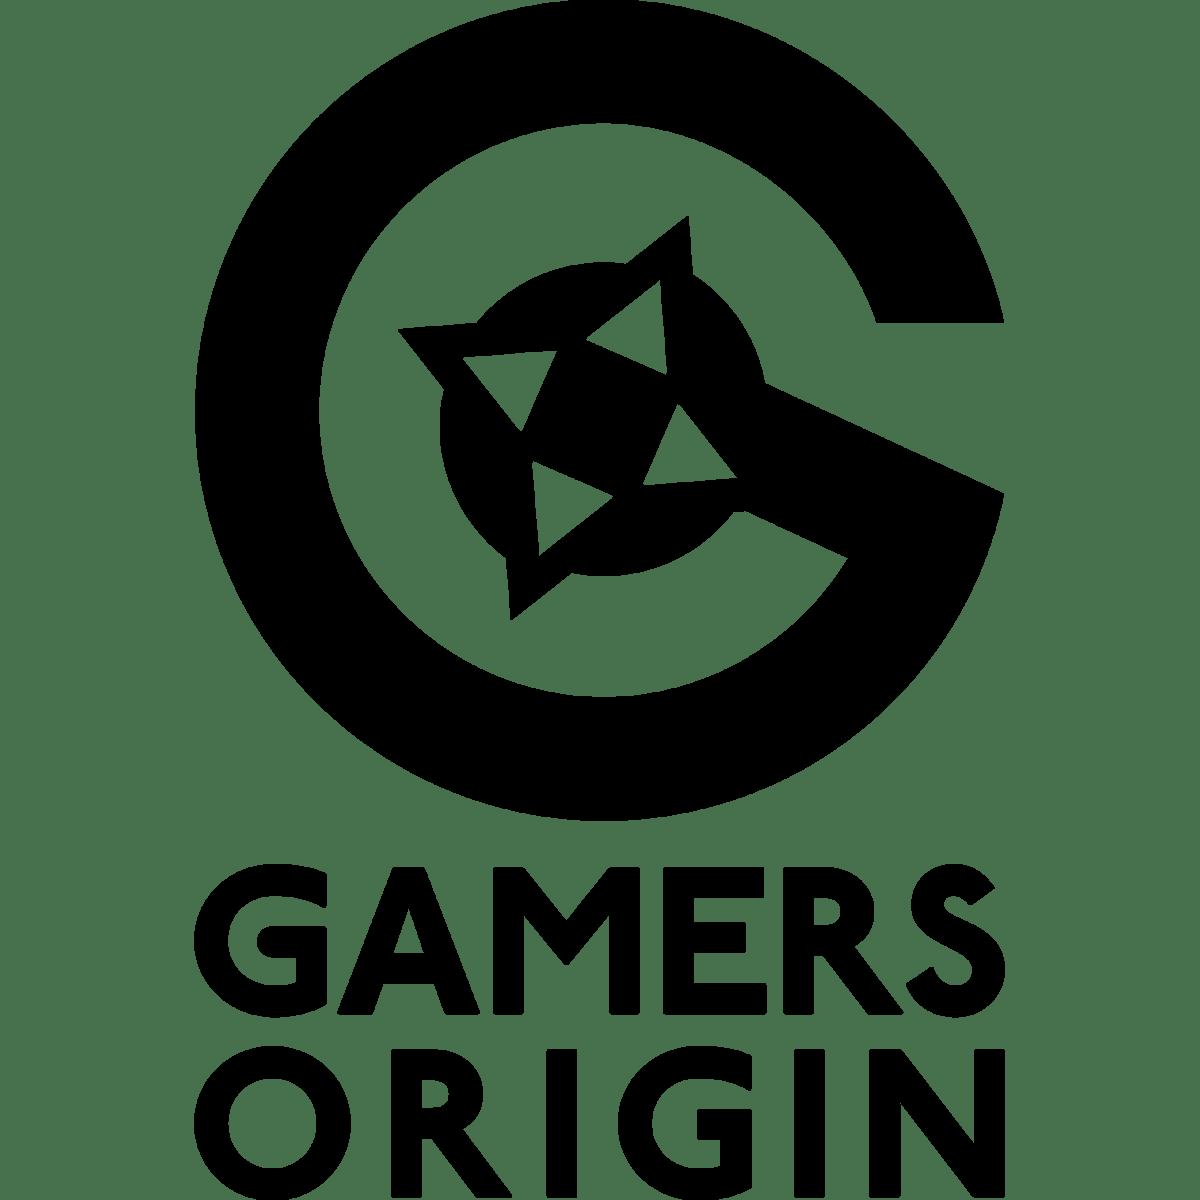 Gamers Origin